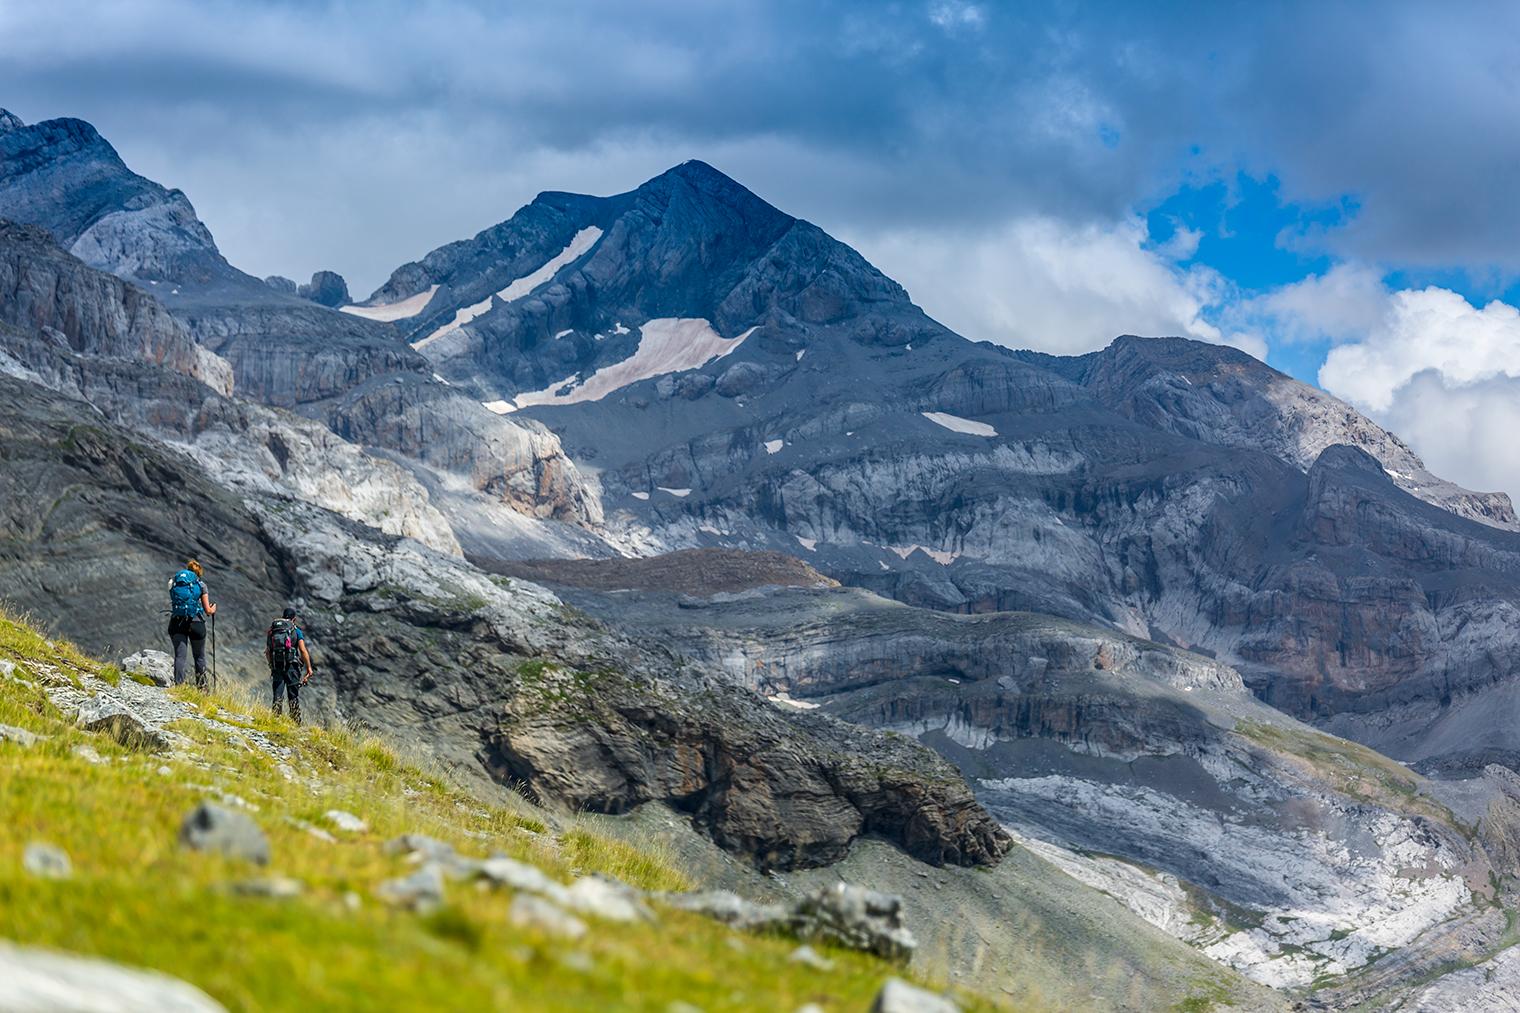 Tour de Monte Perdido y su ascensión